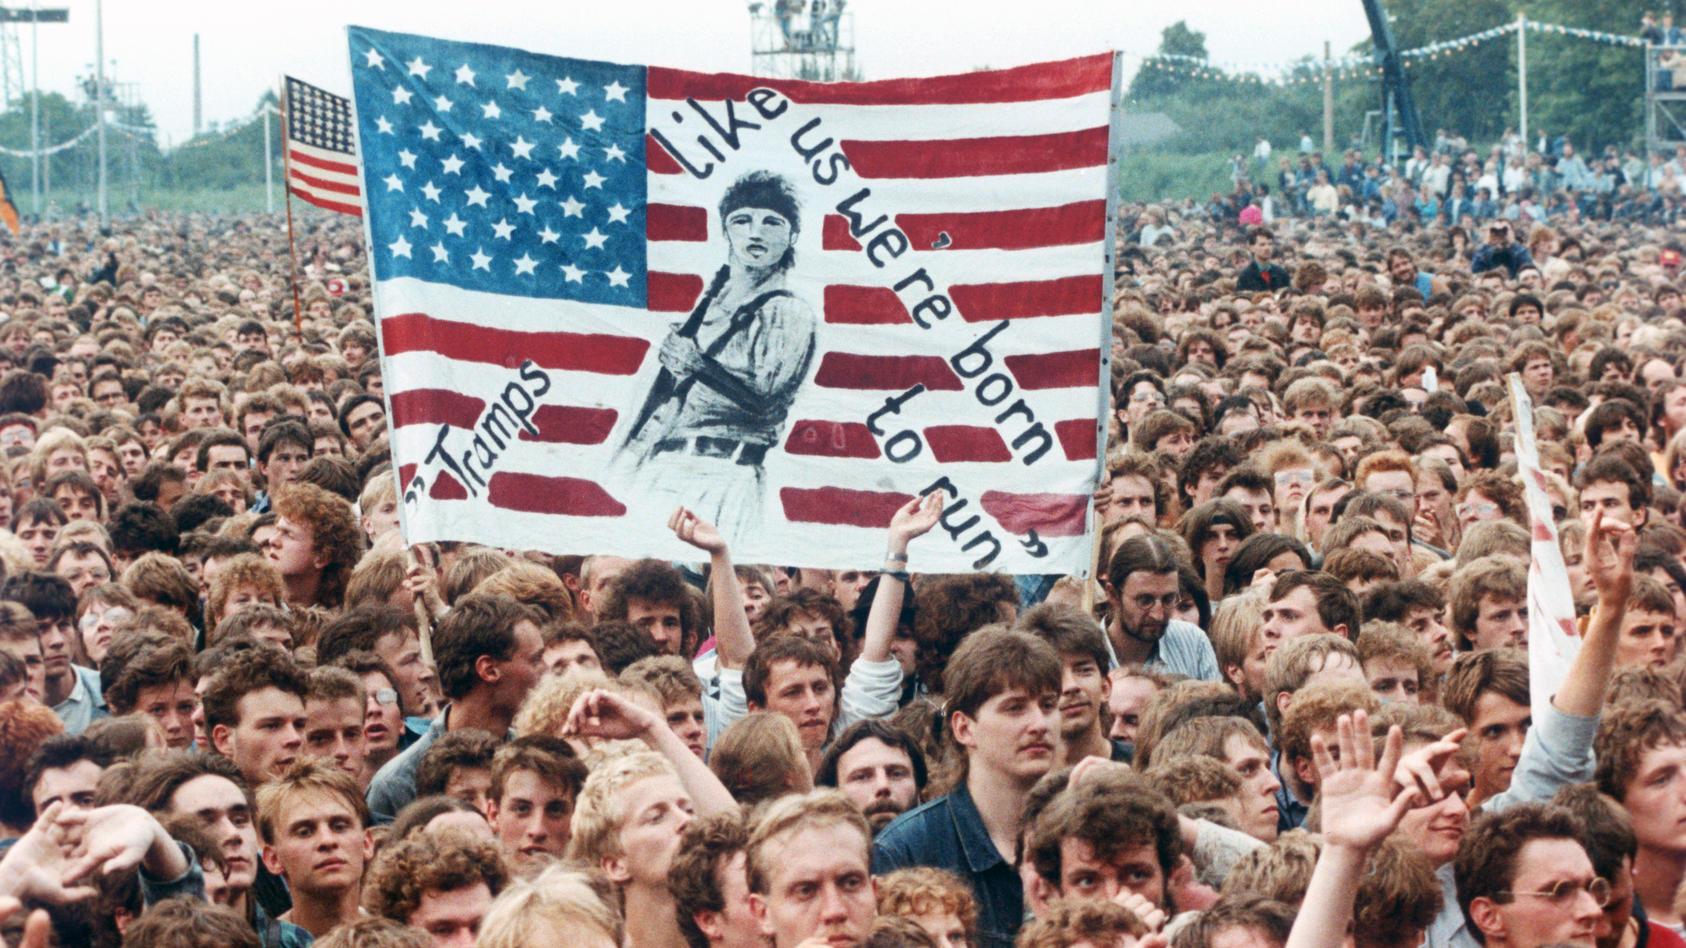 """Offiziell 180.000 Fans - Schätzungen gehen von weit mehr aus - hören und sehen Bruce Springsteen am 19.07.1989 auf der Radrennbahn in Weißensee. """"Born in the U.S.A."""" schallt durch Ostberlin."""